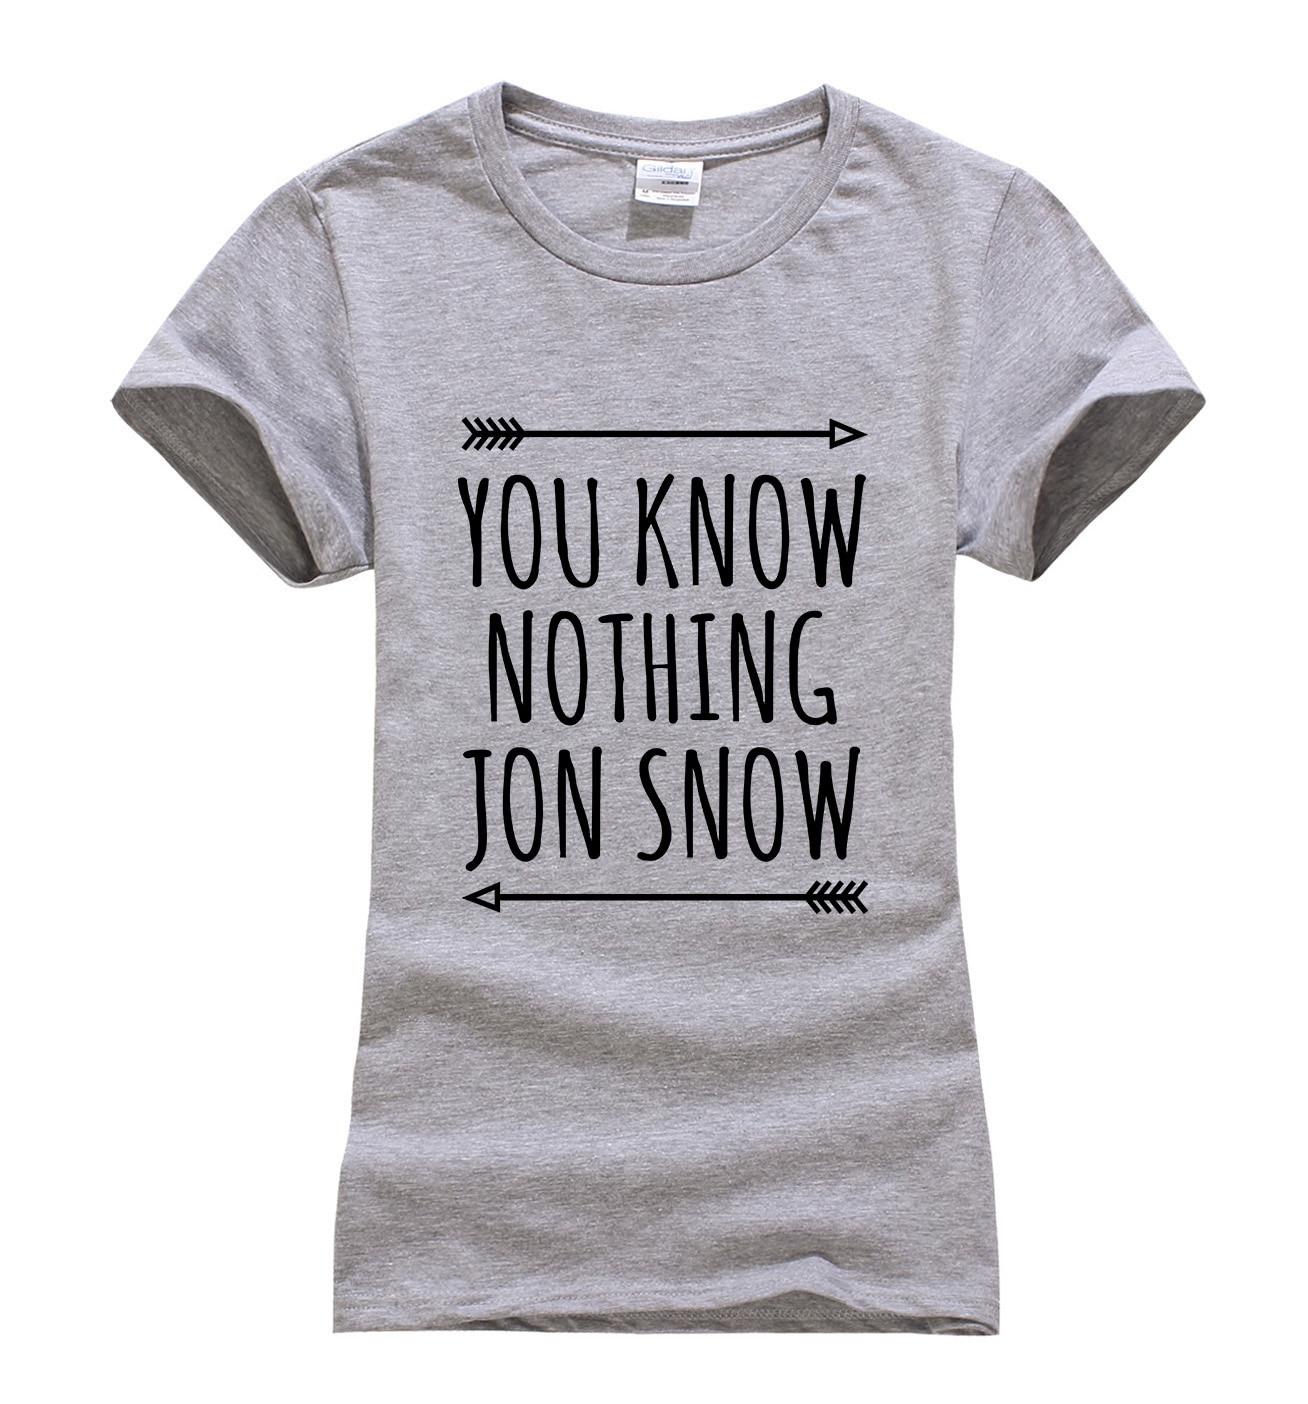 Hot Sale Game of Thrones t shirt women 2019 summer Print t shirt 100 cotton high